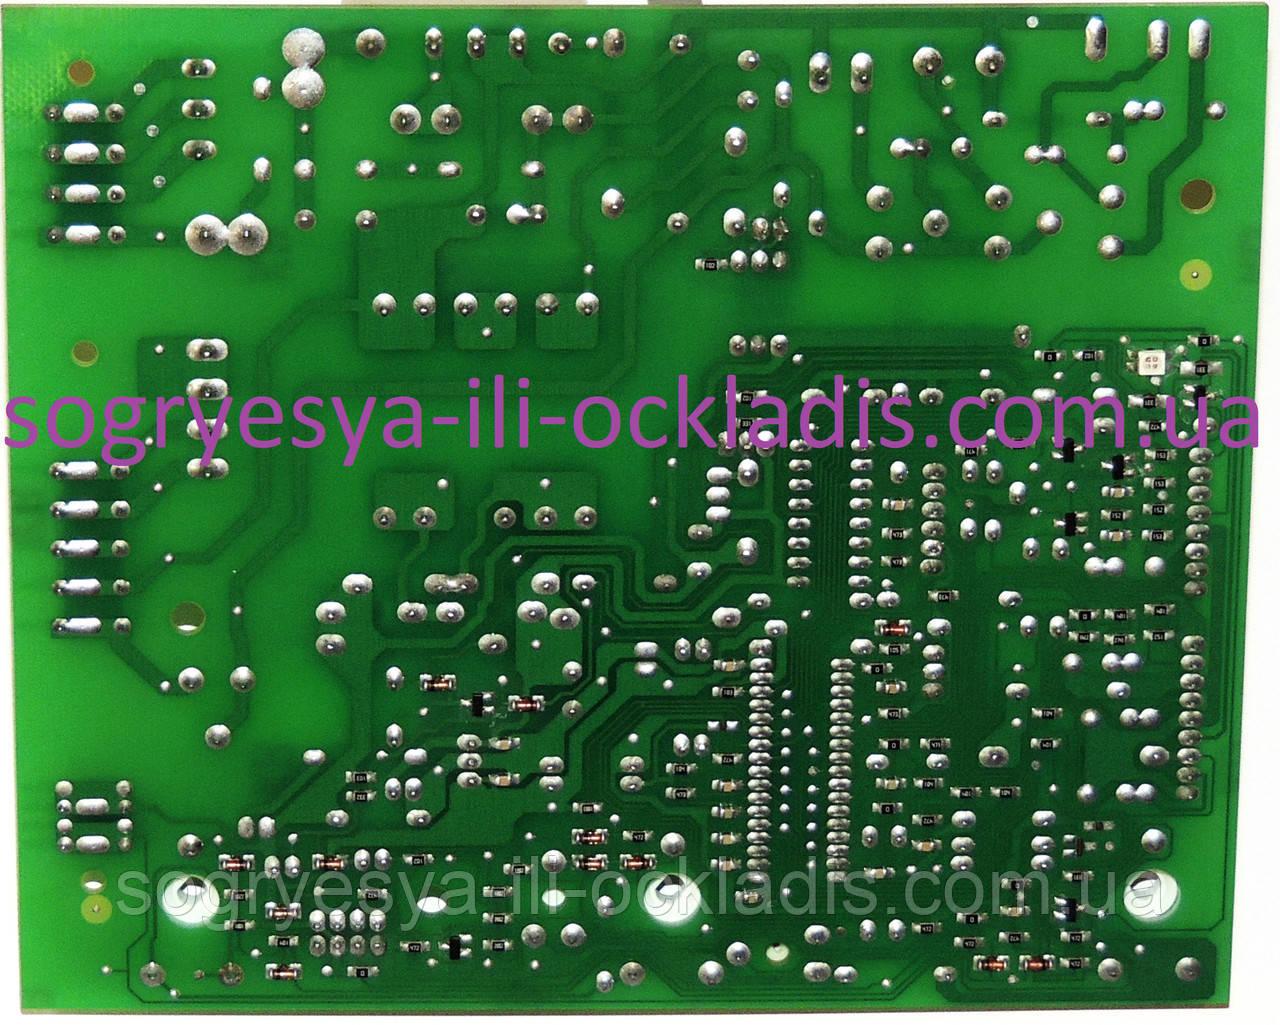 Плата упр. CP08 три ручки с R10028890 (фир.уп, EU-О-Е) Beretta Ciao Smart 24-28 кВт, арт.R10023537, к.з.0372